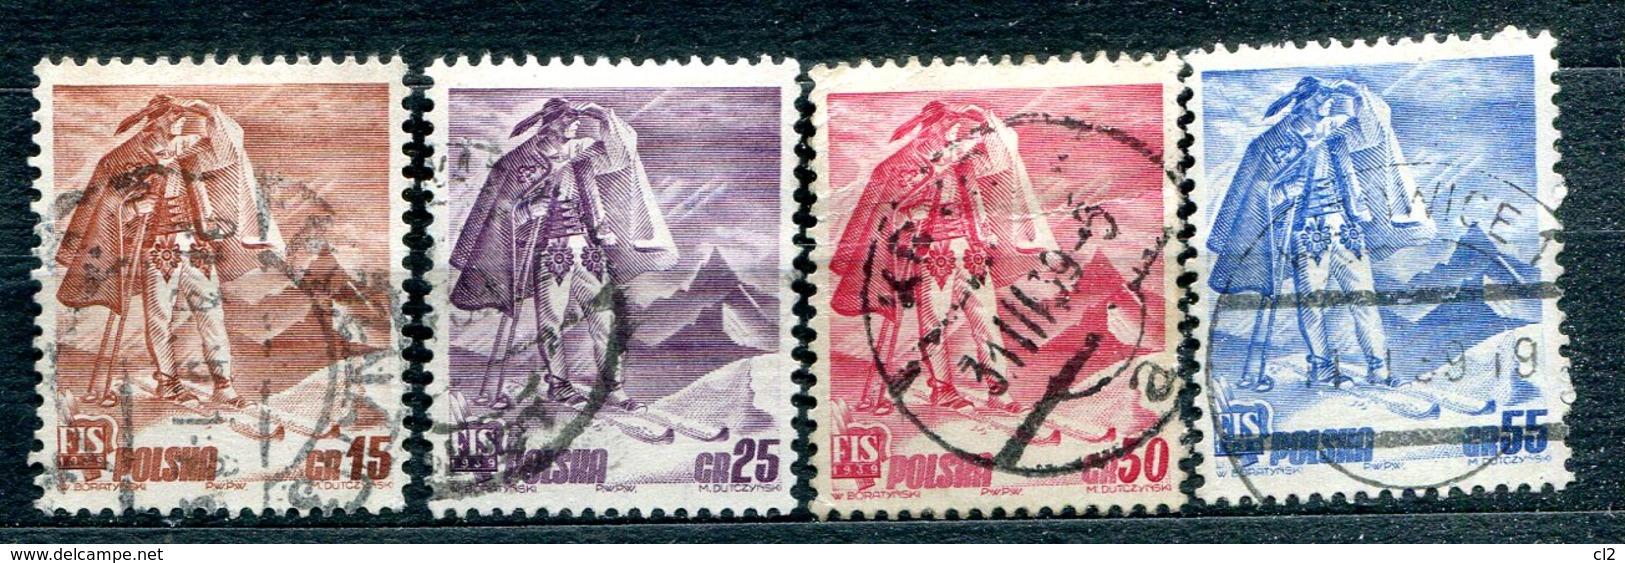 POLOGNE - Y&T 422 à 425 (série Complète) (20% De La Cote) - Used Stamps